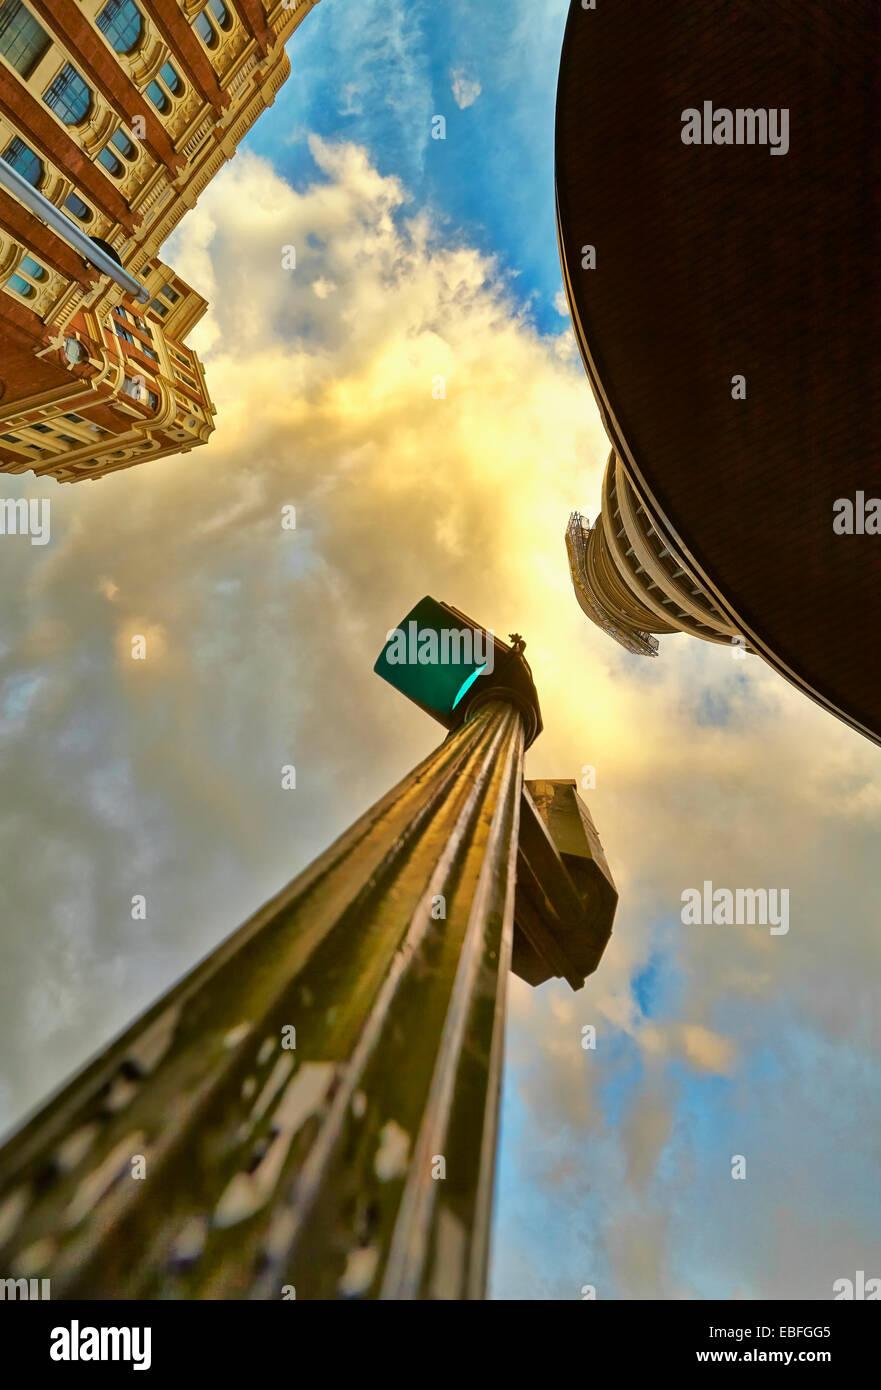 Niedrigen Winkel Aussicht auf Ampeln und Gebäude in Callao Platz. Madrid. Spanien Stockbild